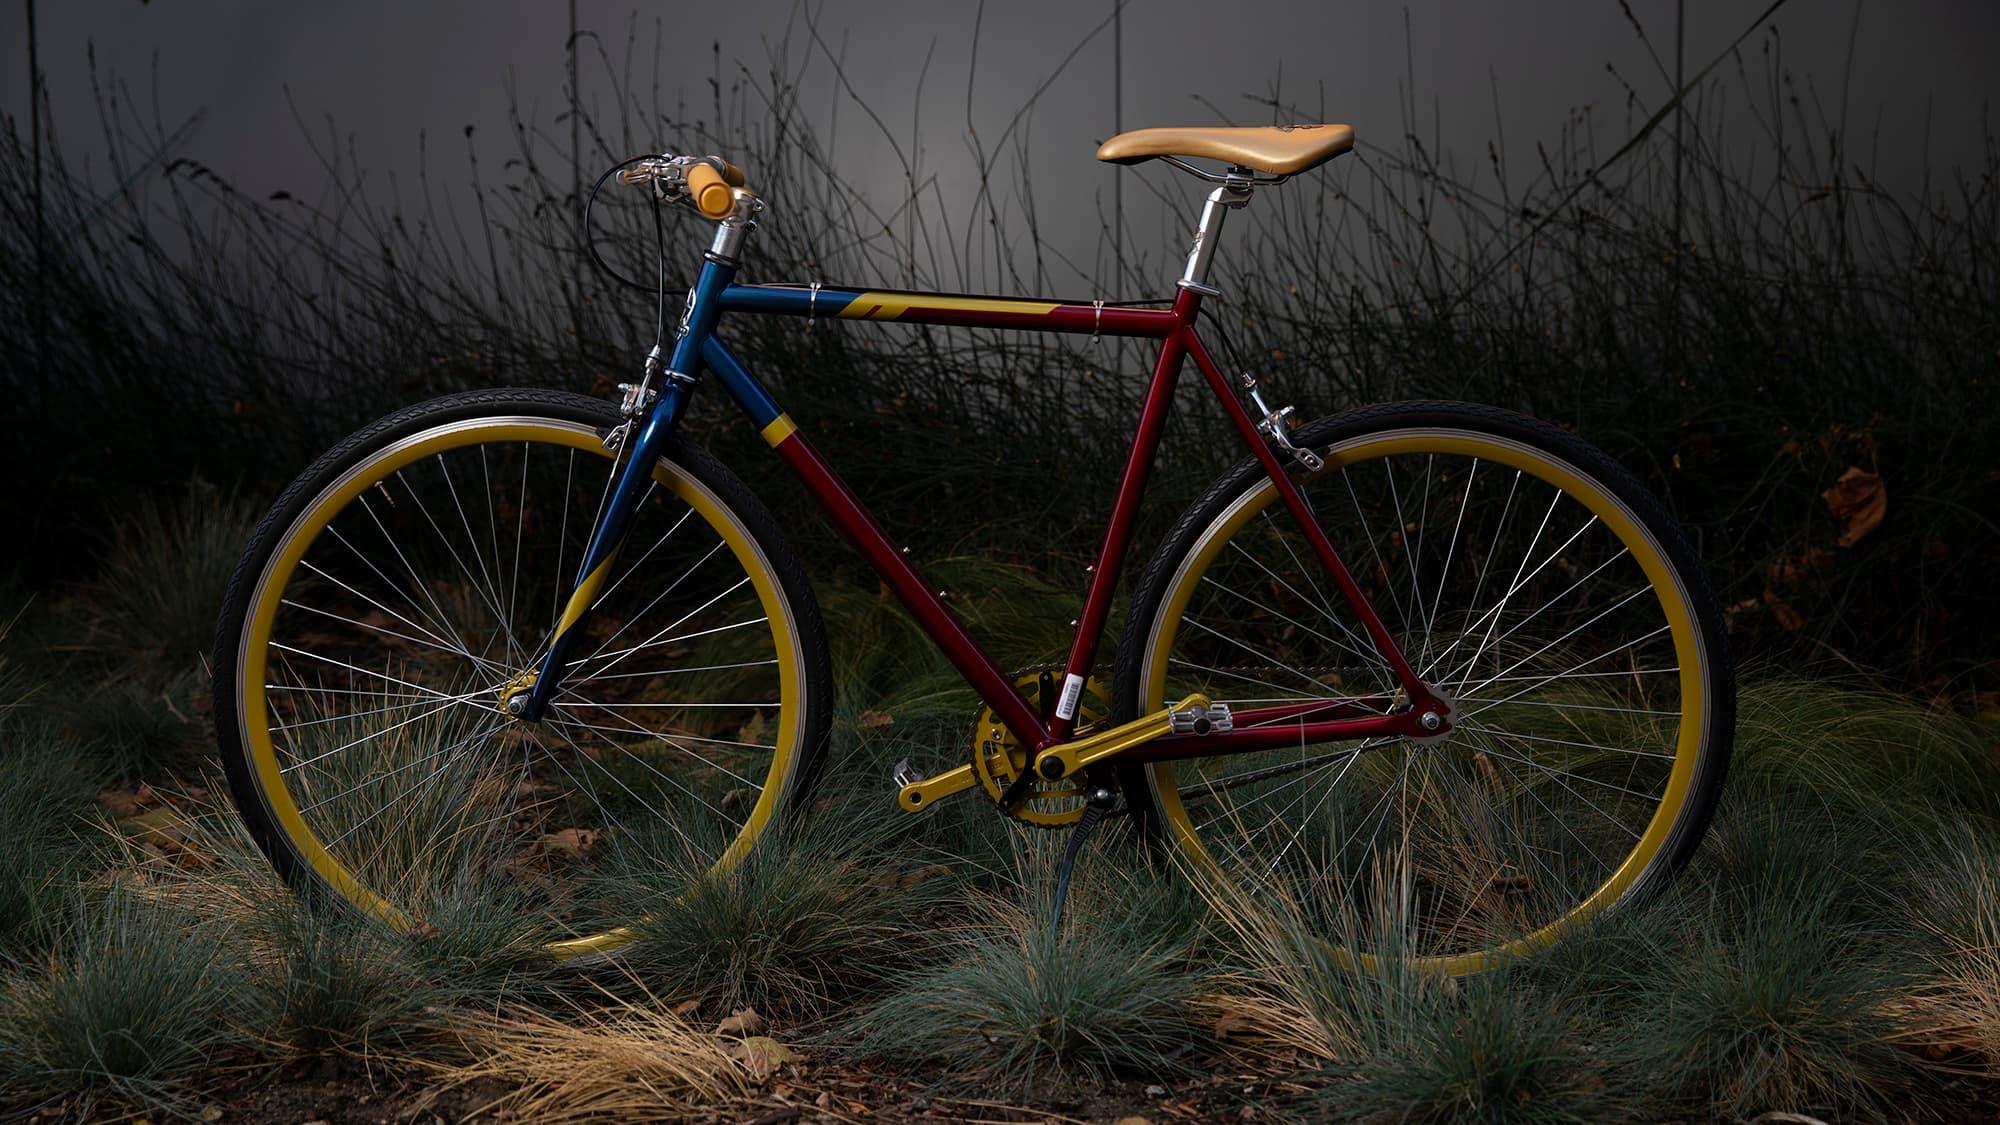 Marvel x Schwinn Bike